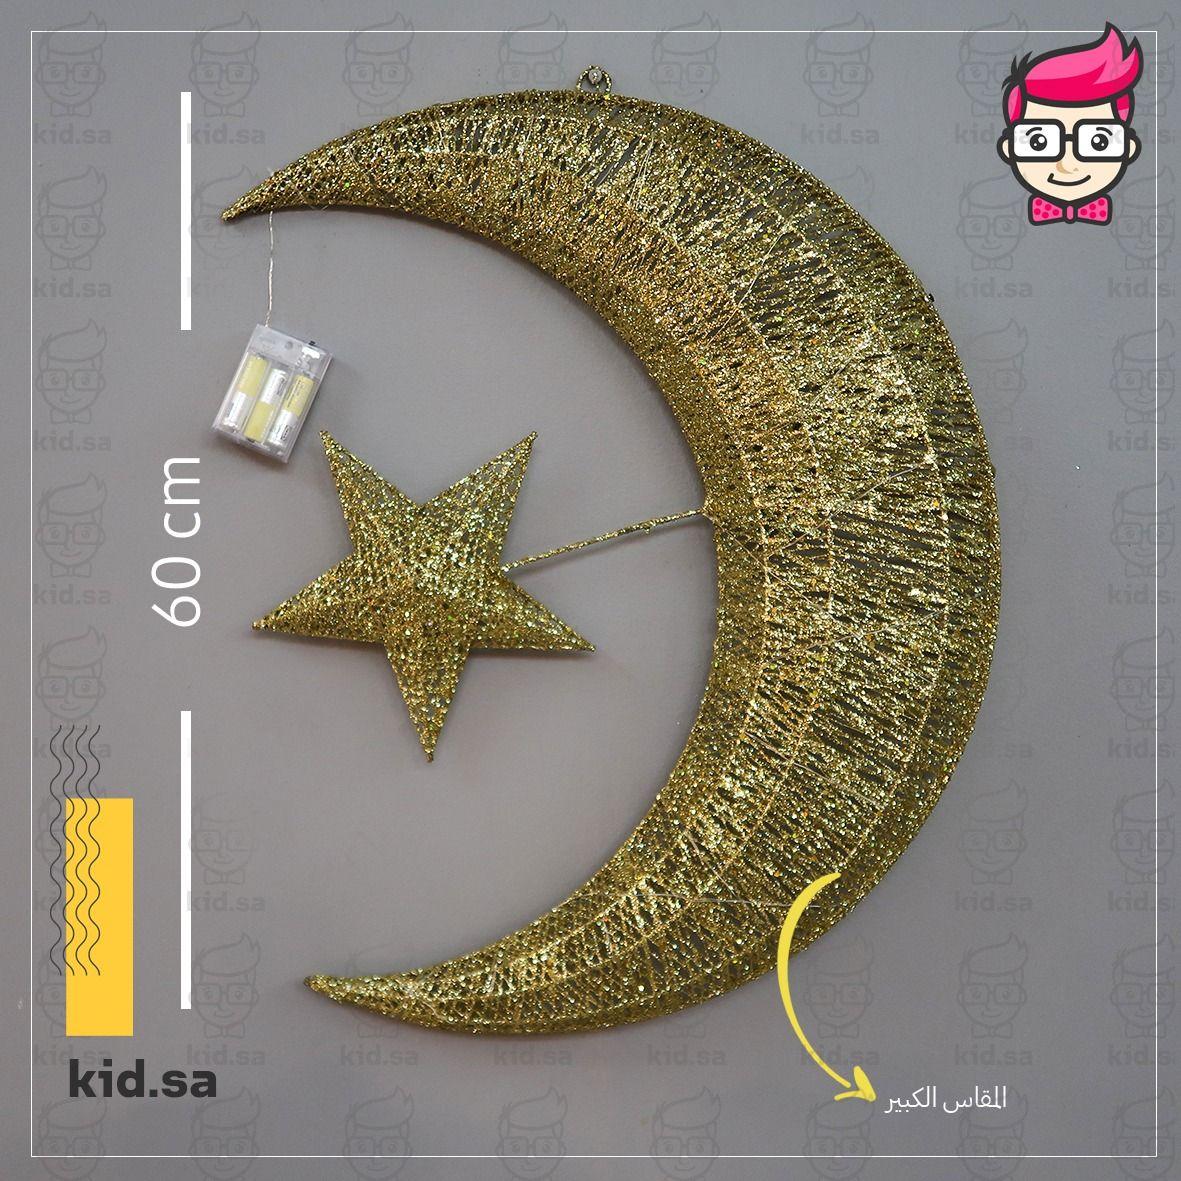 افكار زينة رمضان 2021 In 2021